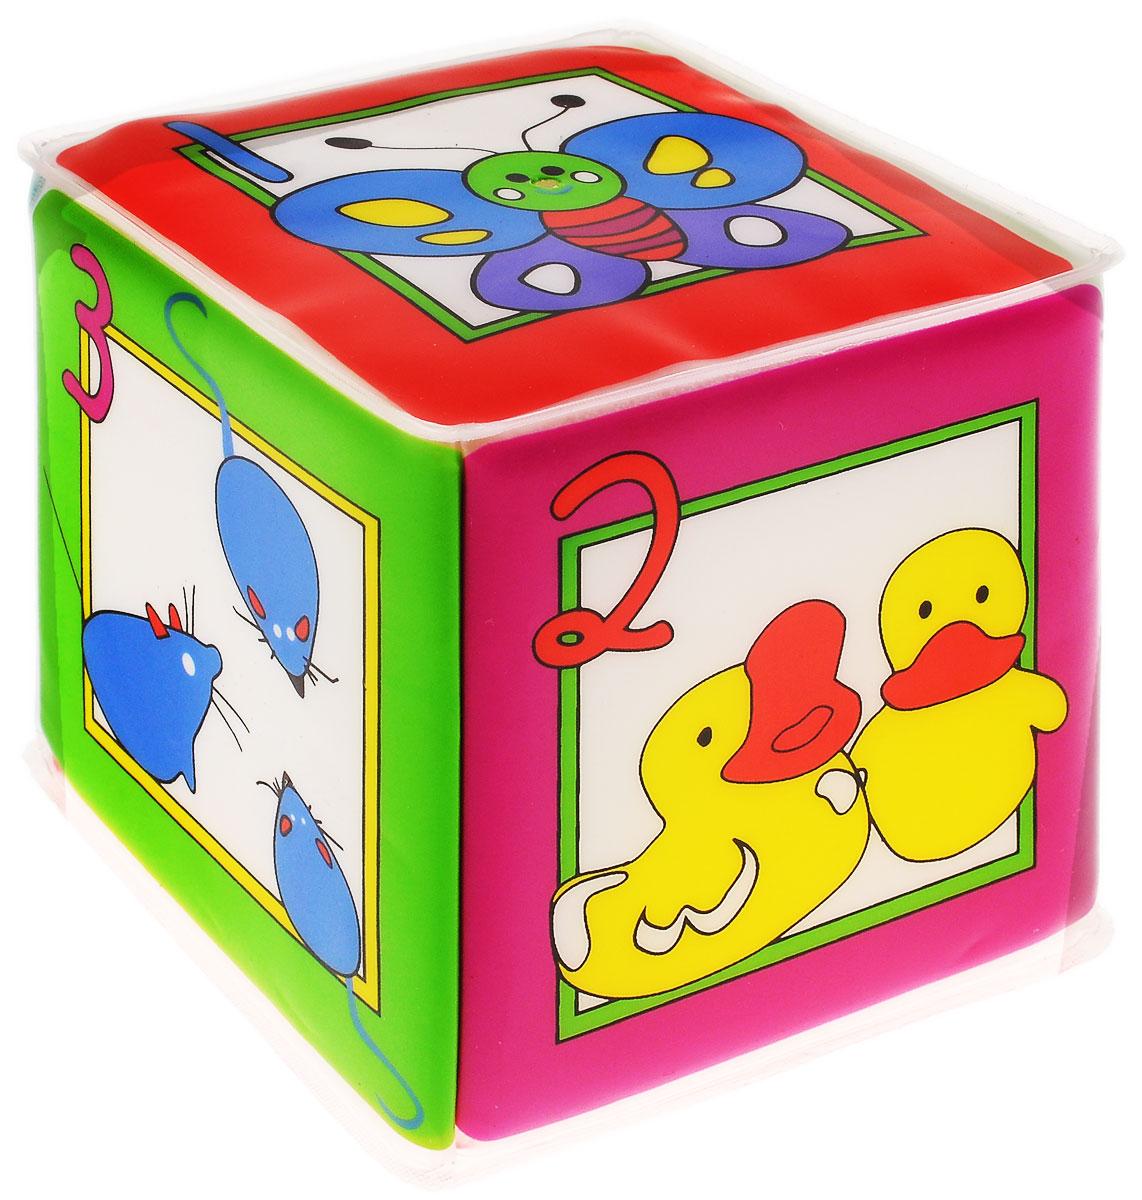 Курносики Игрушка-кубик с пищалкой Учимся считать транспорт нескучный кубик для равития интеллекта 2 кубика